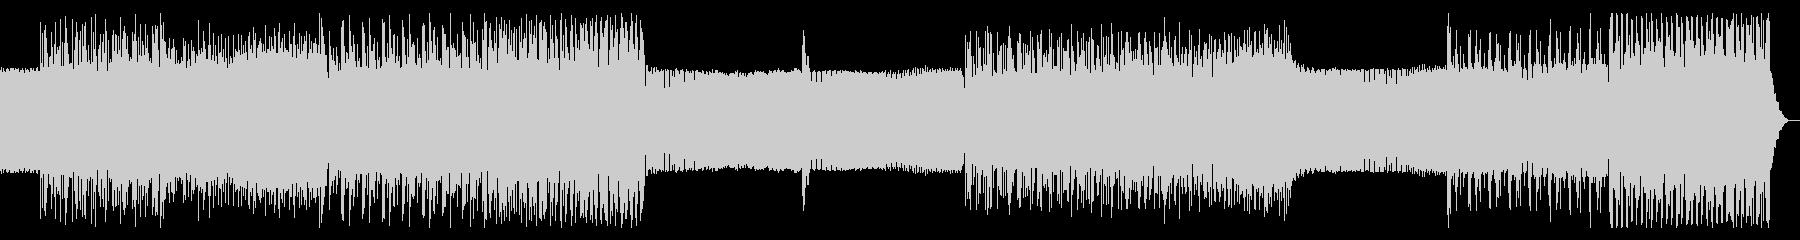 シンプルなアルペジオのテクノ11の未再生の波形